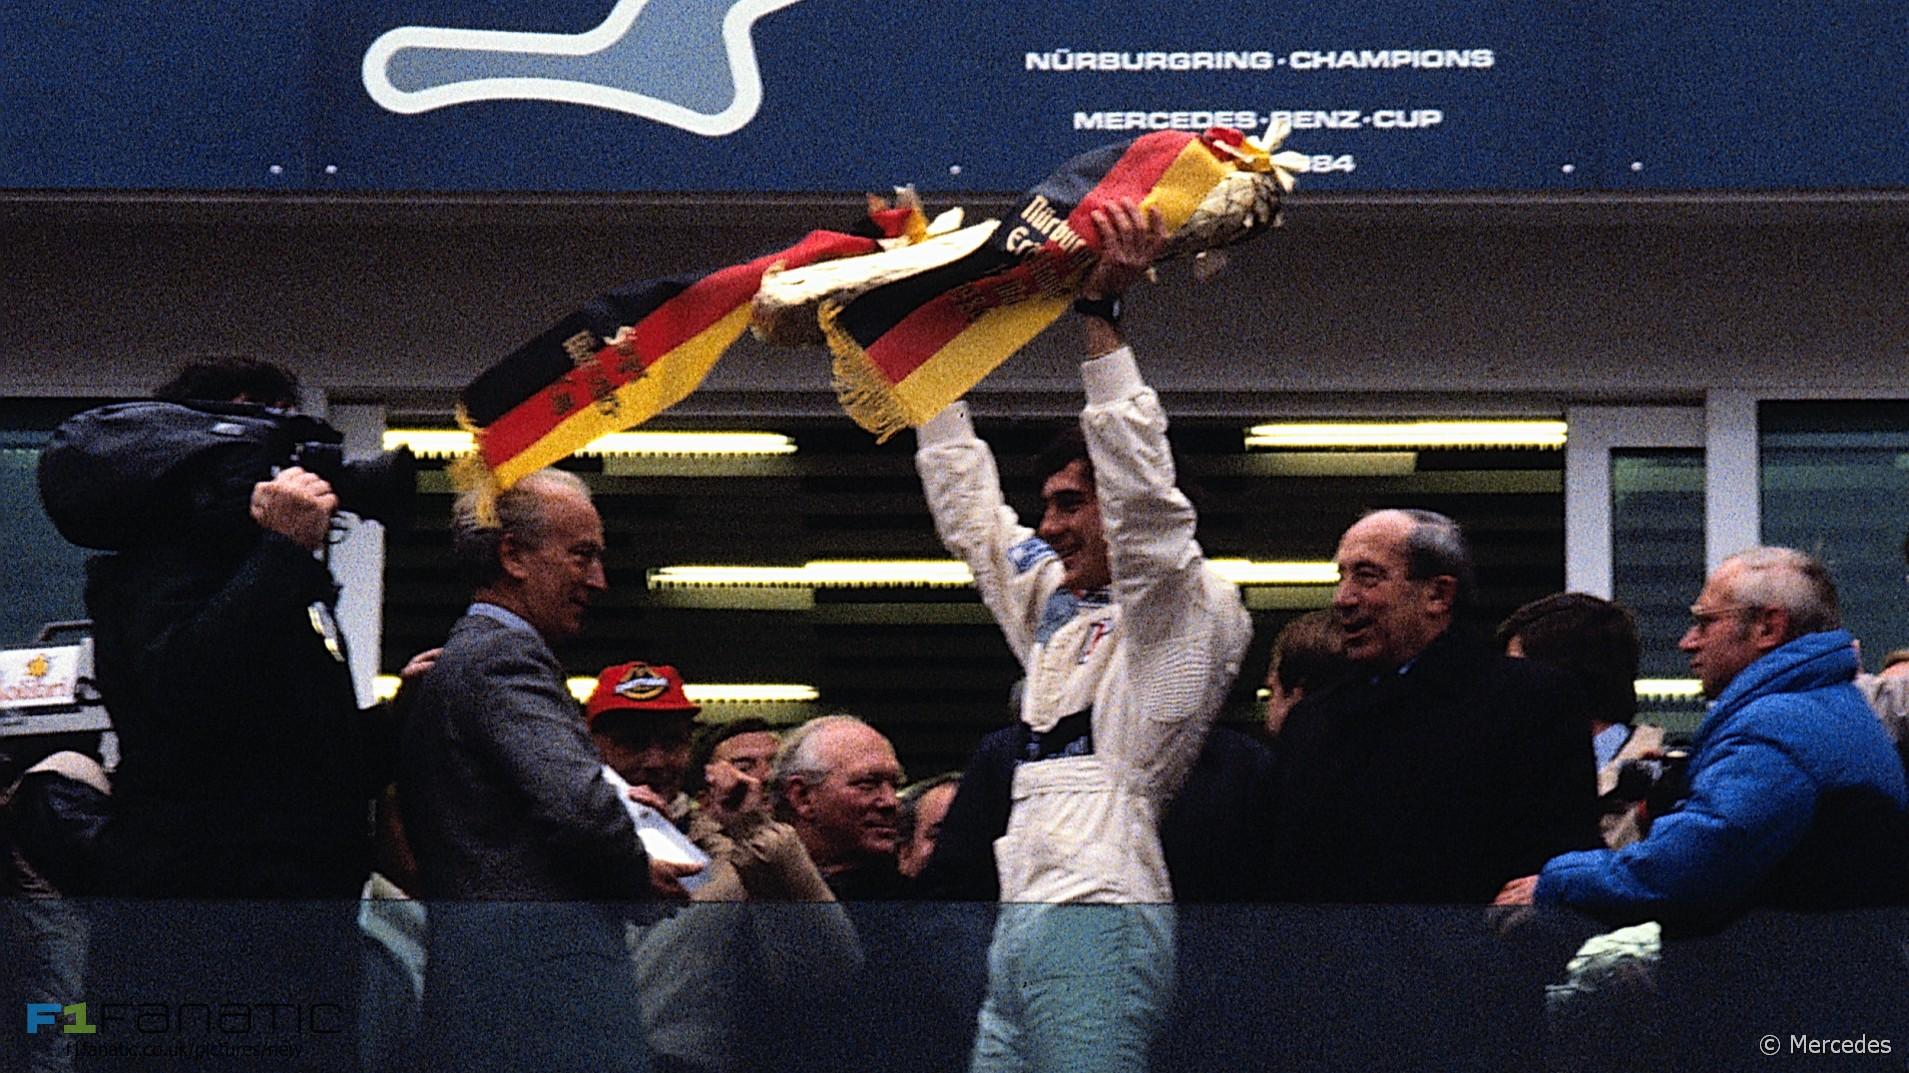 Ayrton Senna, Nurburgring, 1984